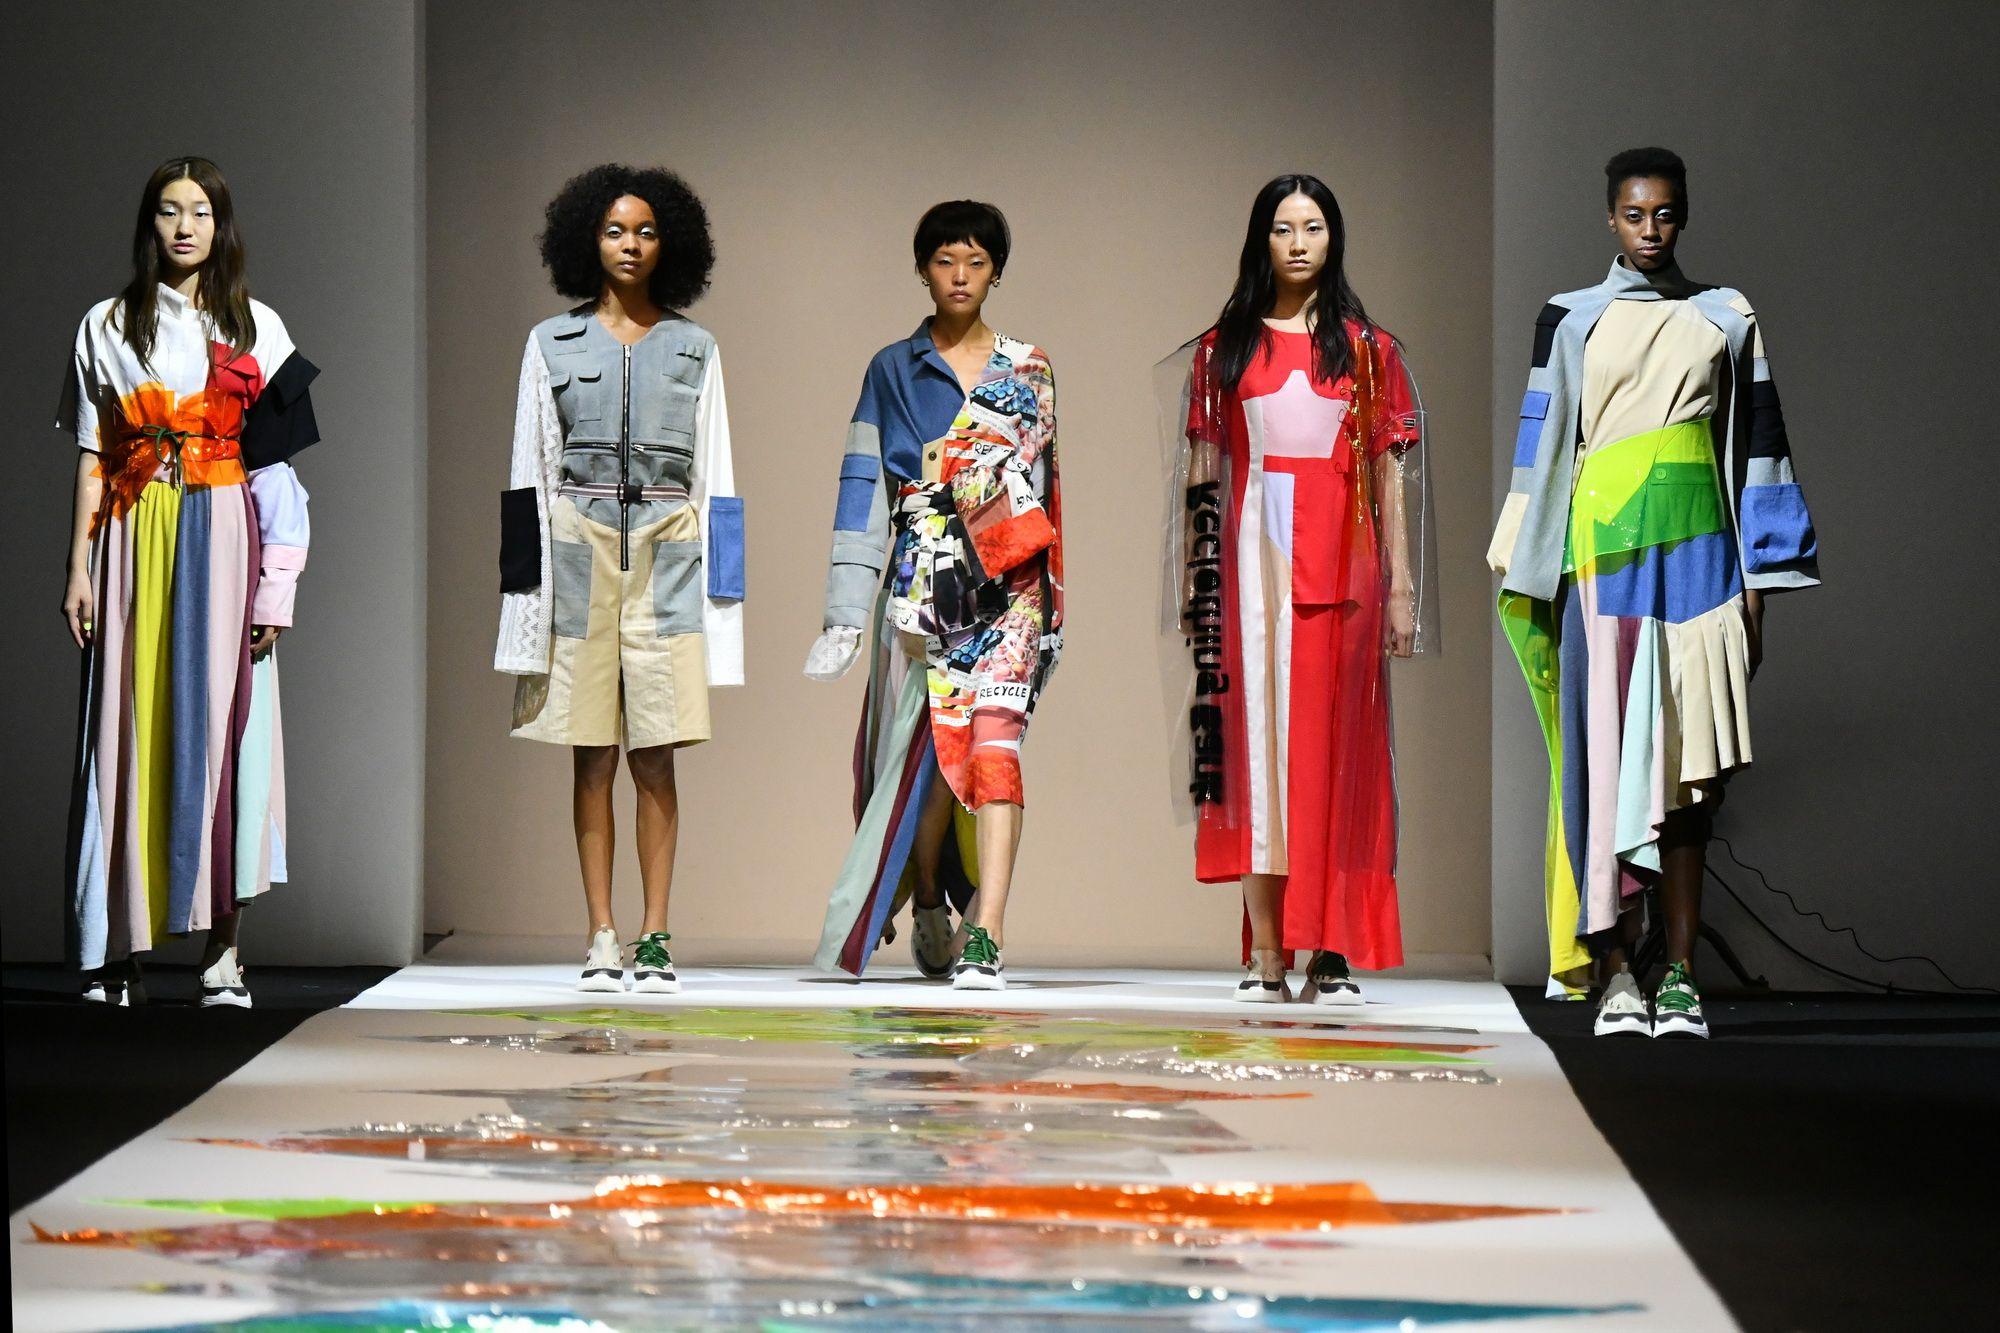 Tuần lễ thời trang Thượng Hải có cảm hứng cho các tuần lễ thời trang tiếp theo không?  - Style-Republik.com